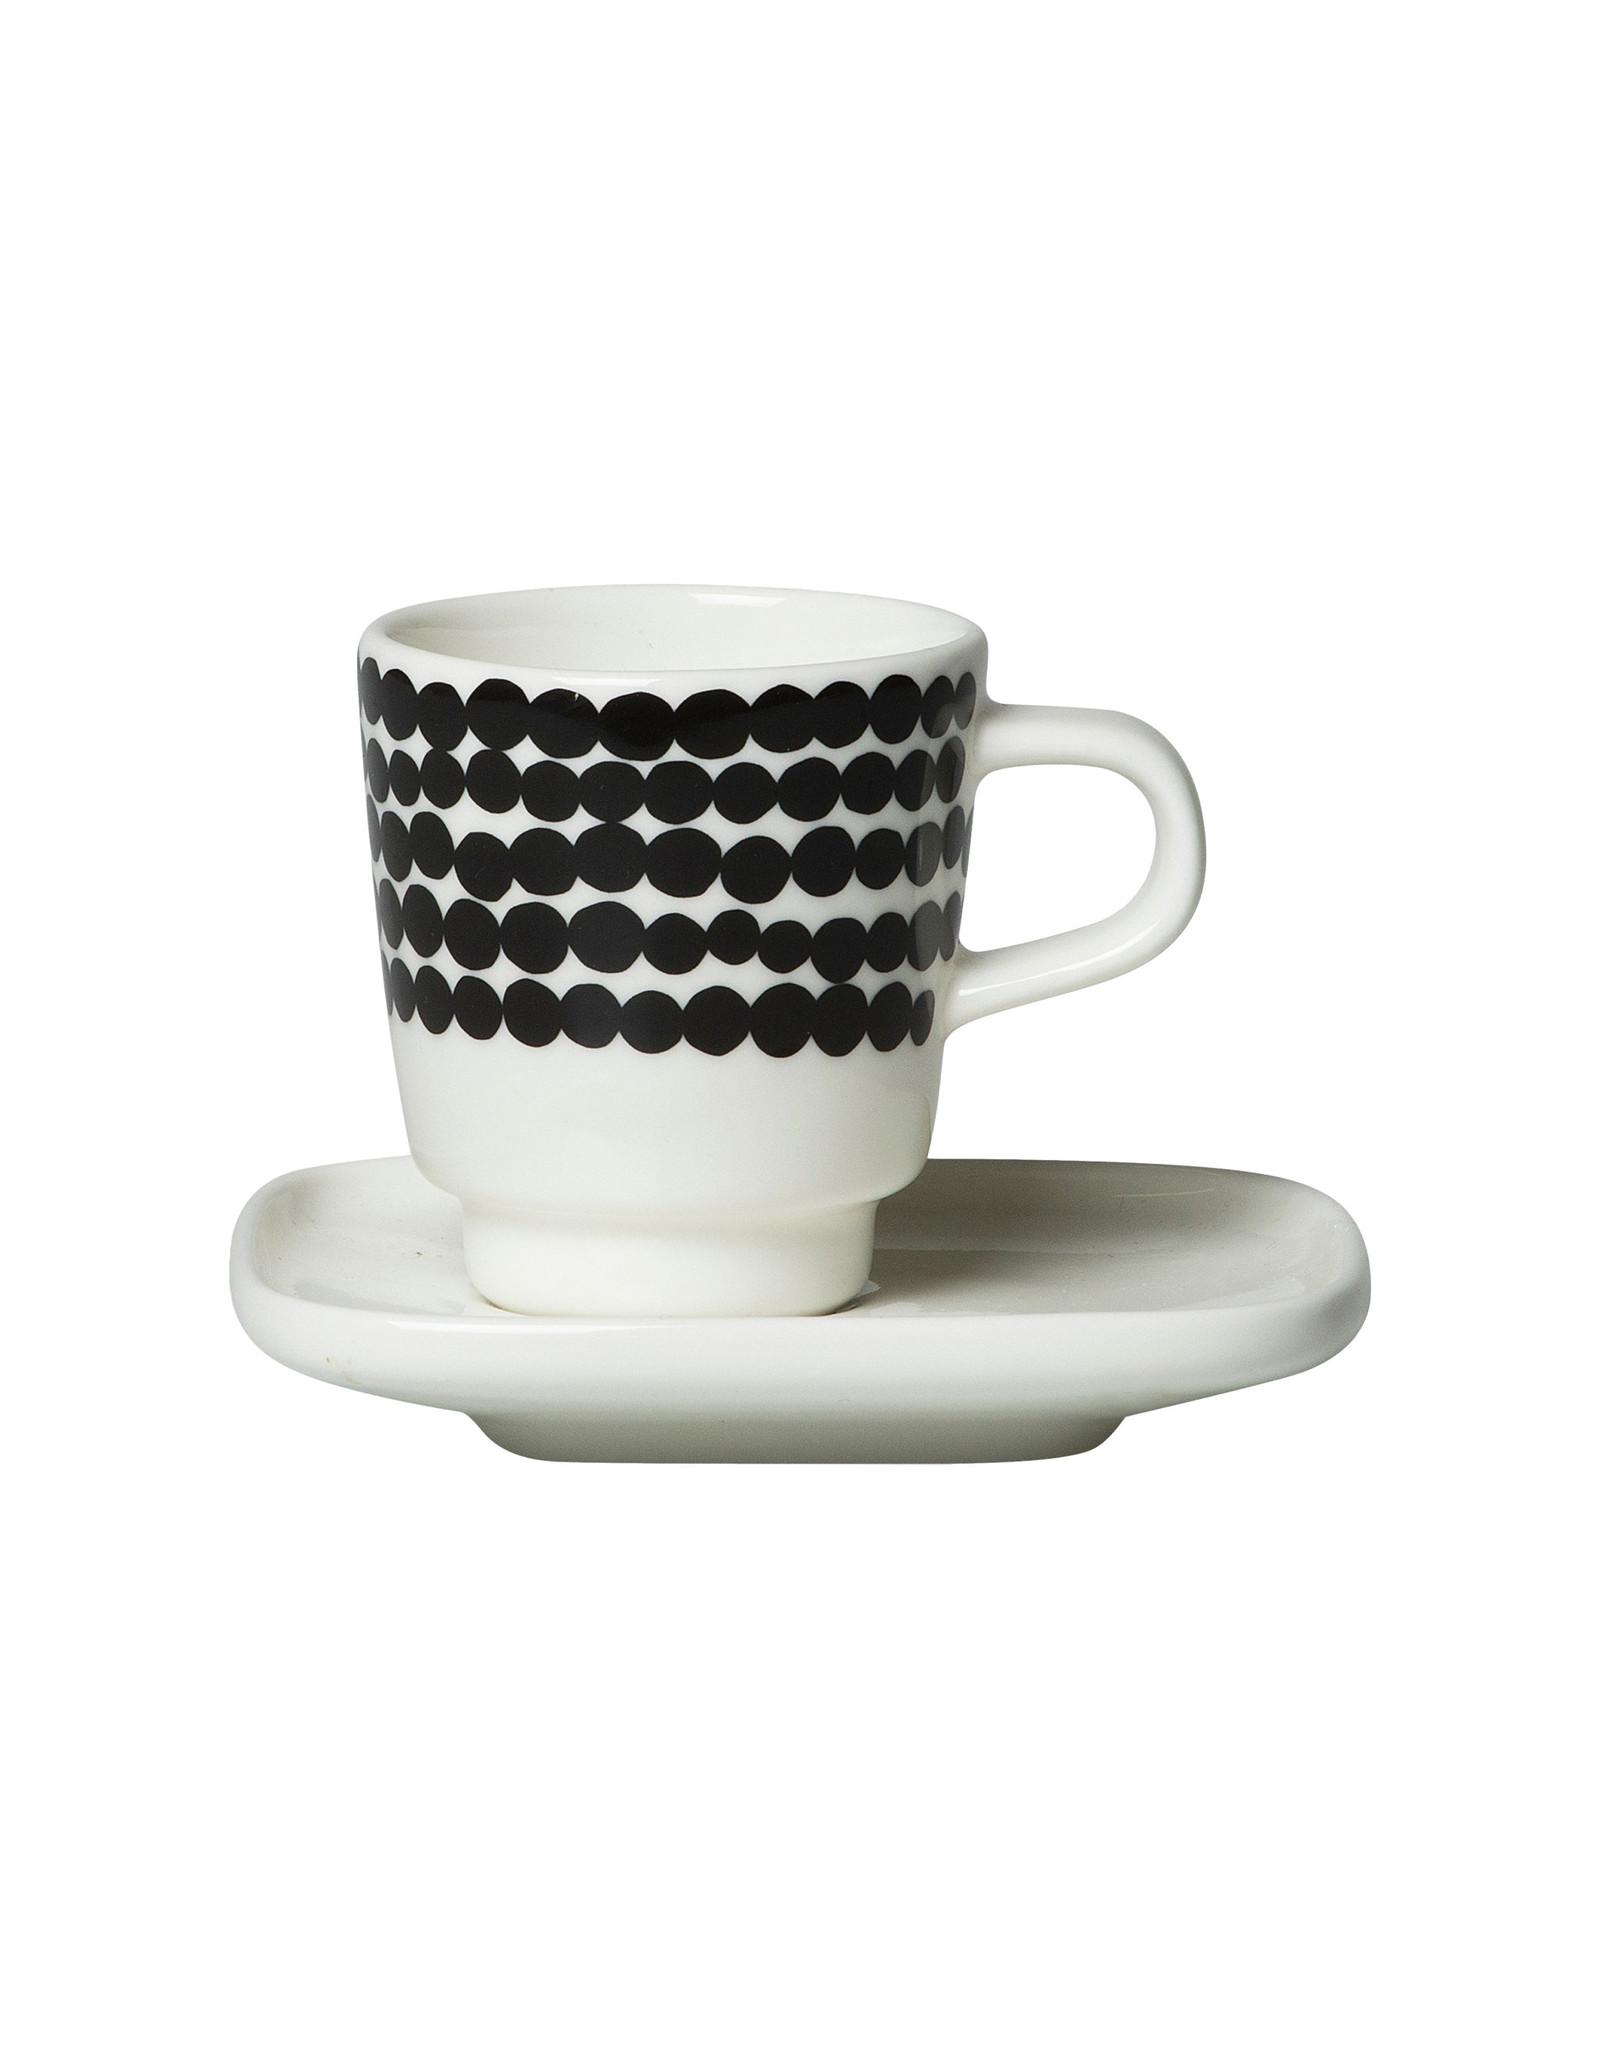 Marimekko Espresso Cup and Saucer, Siirtolapuutakha